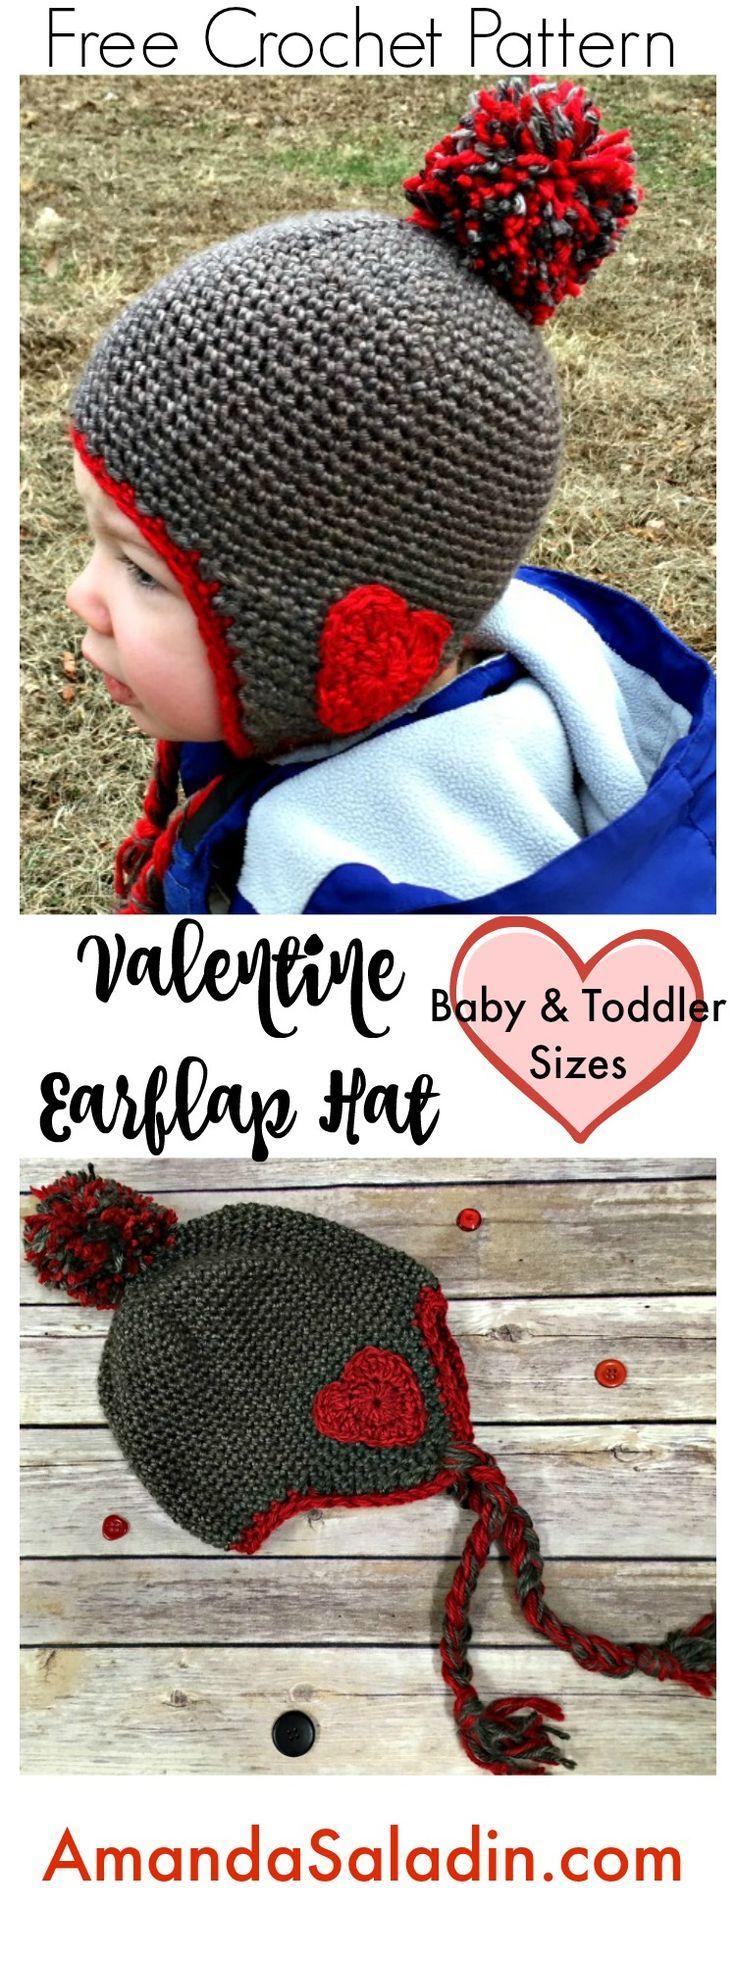 Valentine Ear Flap Hat - Free Crochet Pattern | Pinterest | Stricken